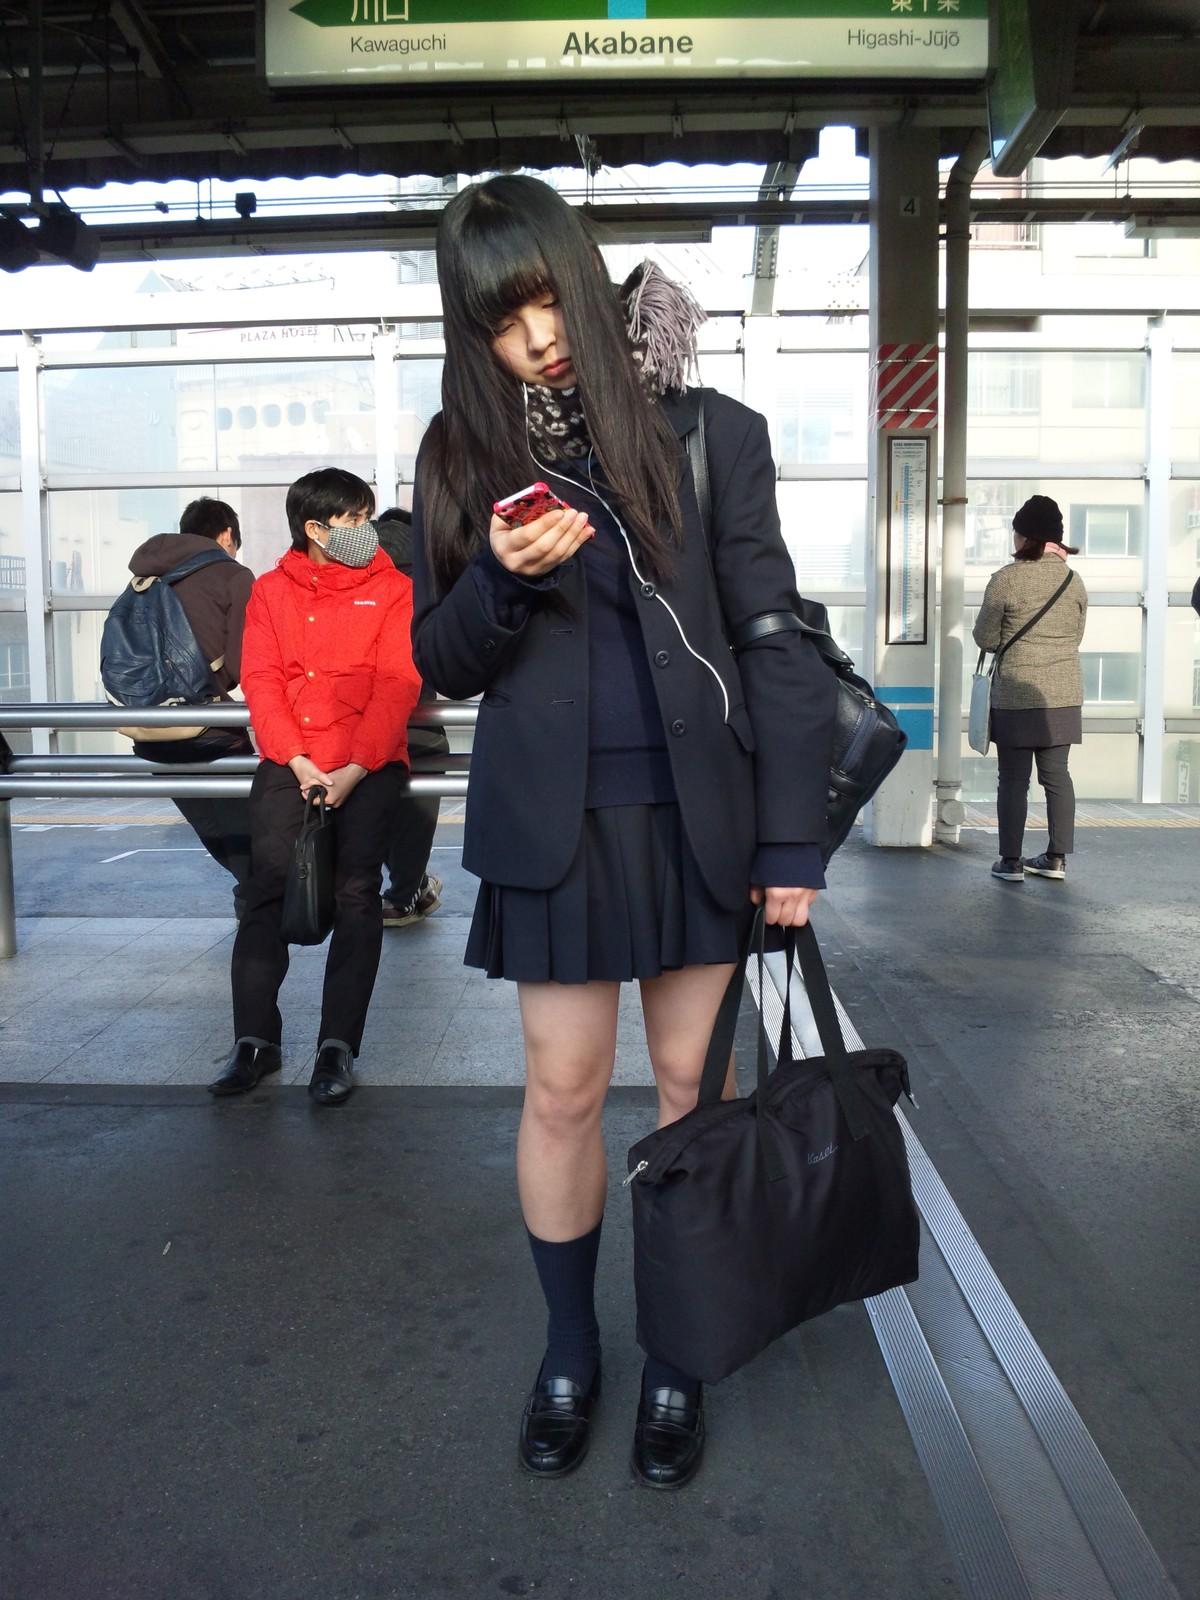 同じ女子高生をバレずに執拗に数枚撮り続けるwwwwwwwww yuGN3HS